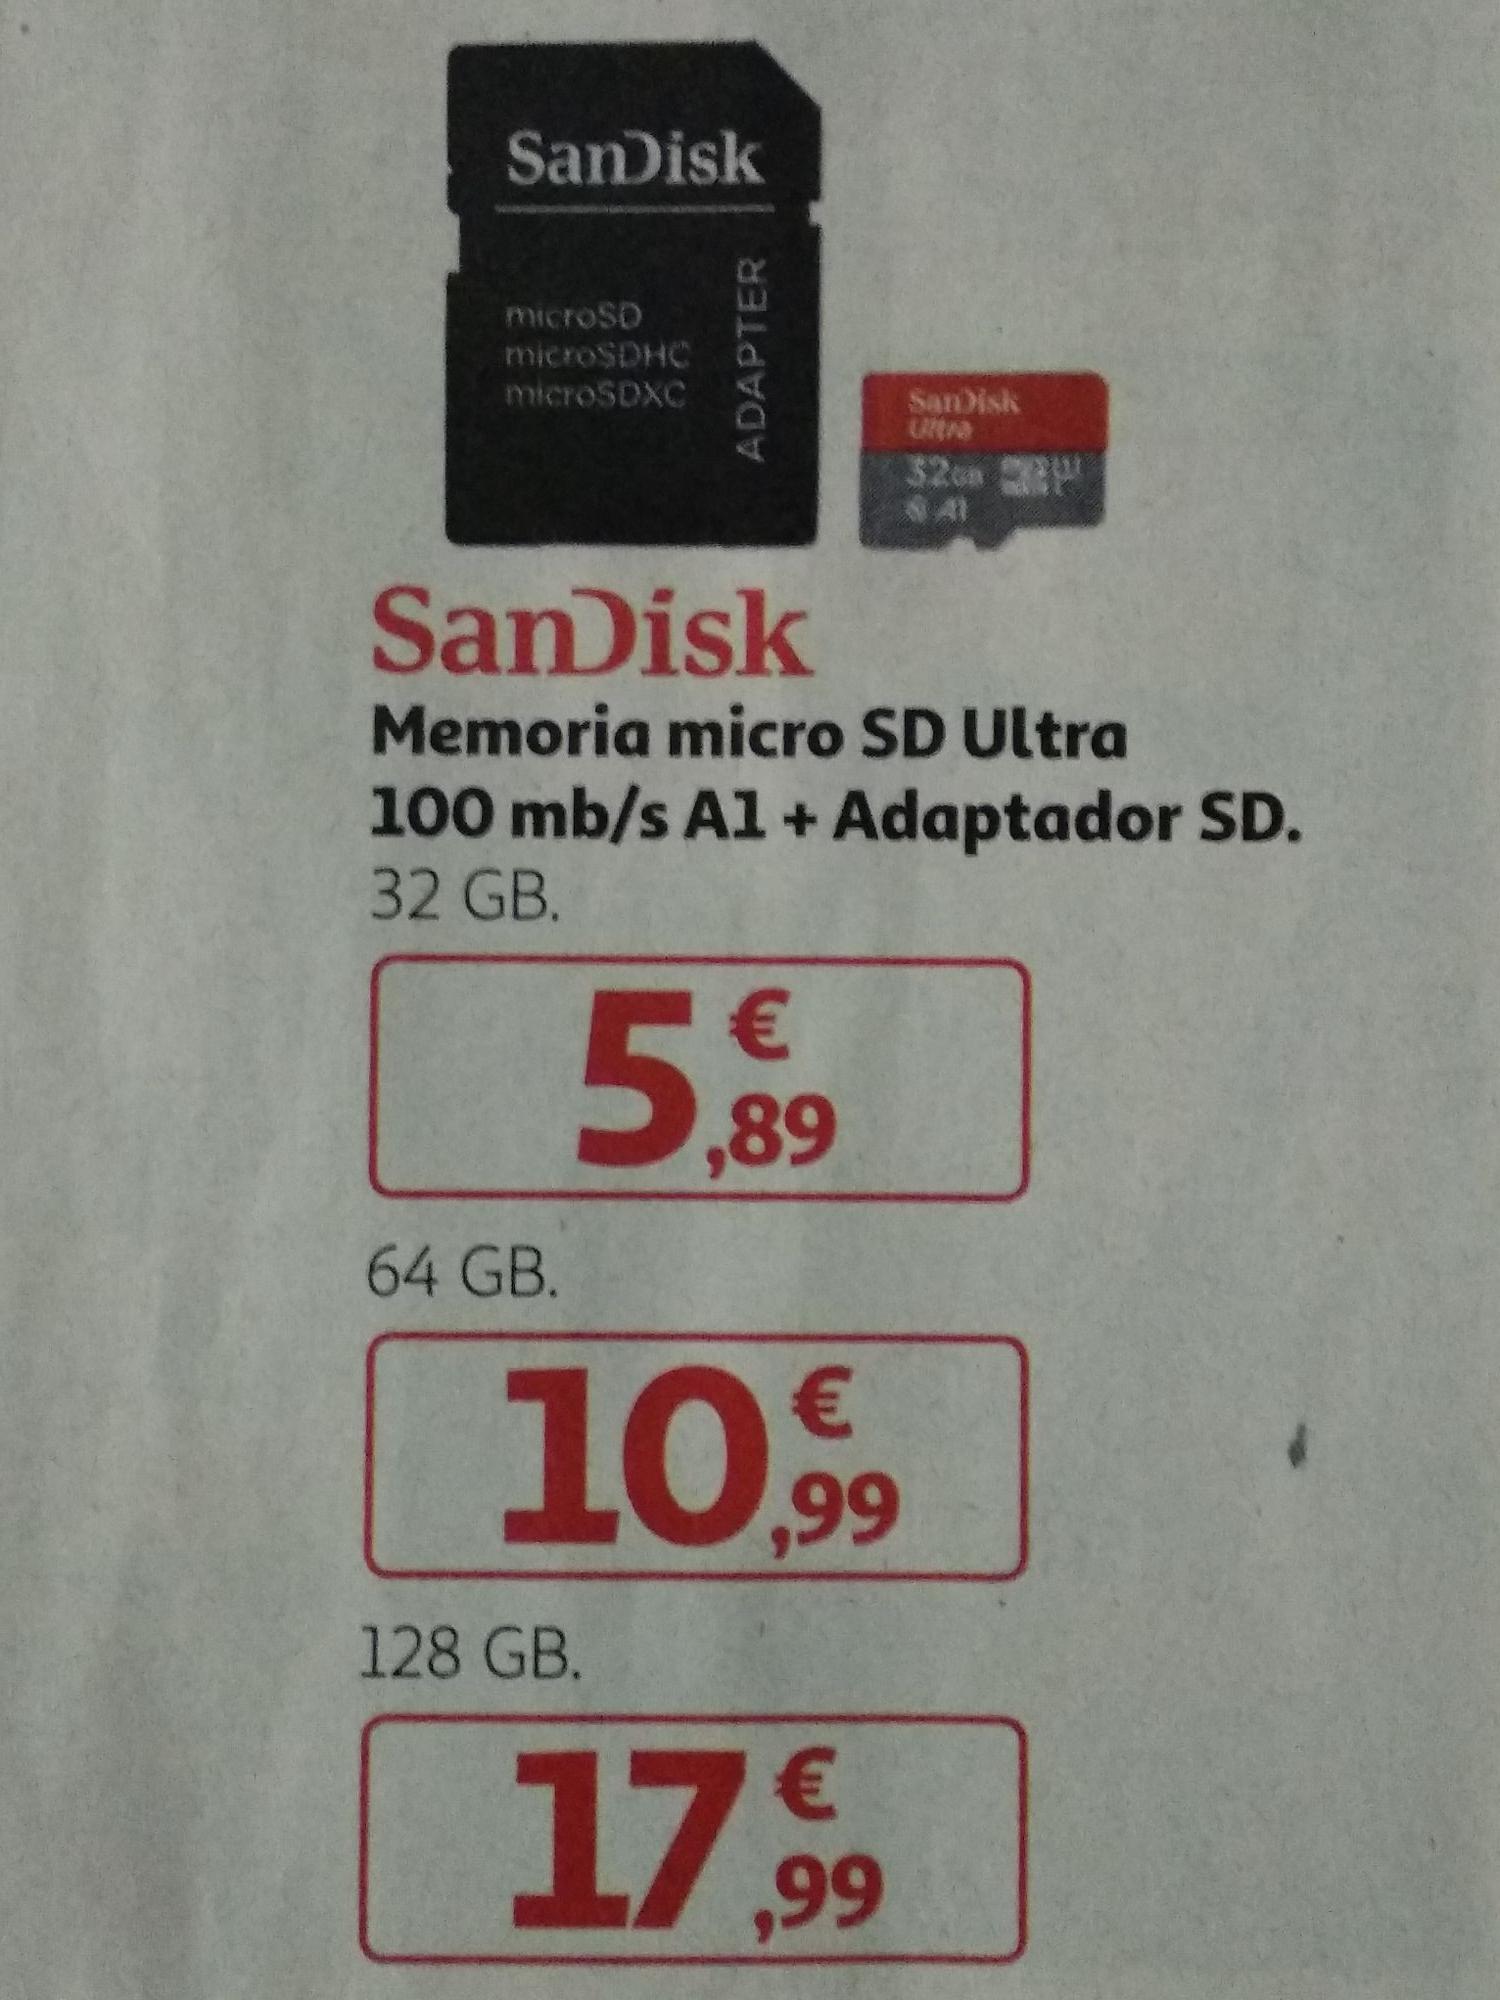 MicroSD SanDisk 128GB - Folleto Alcampo